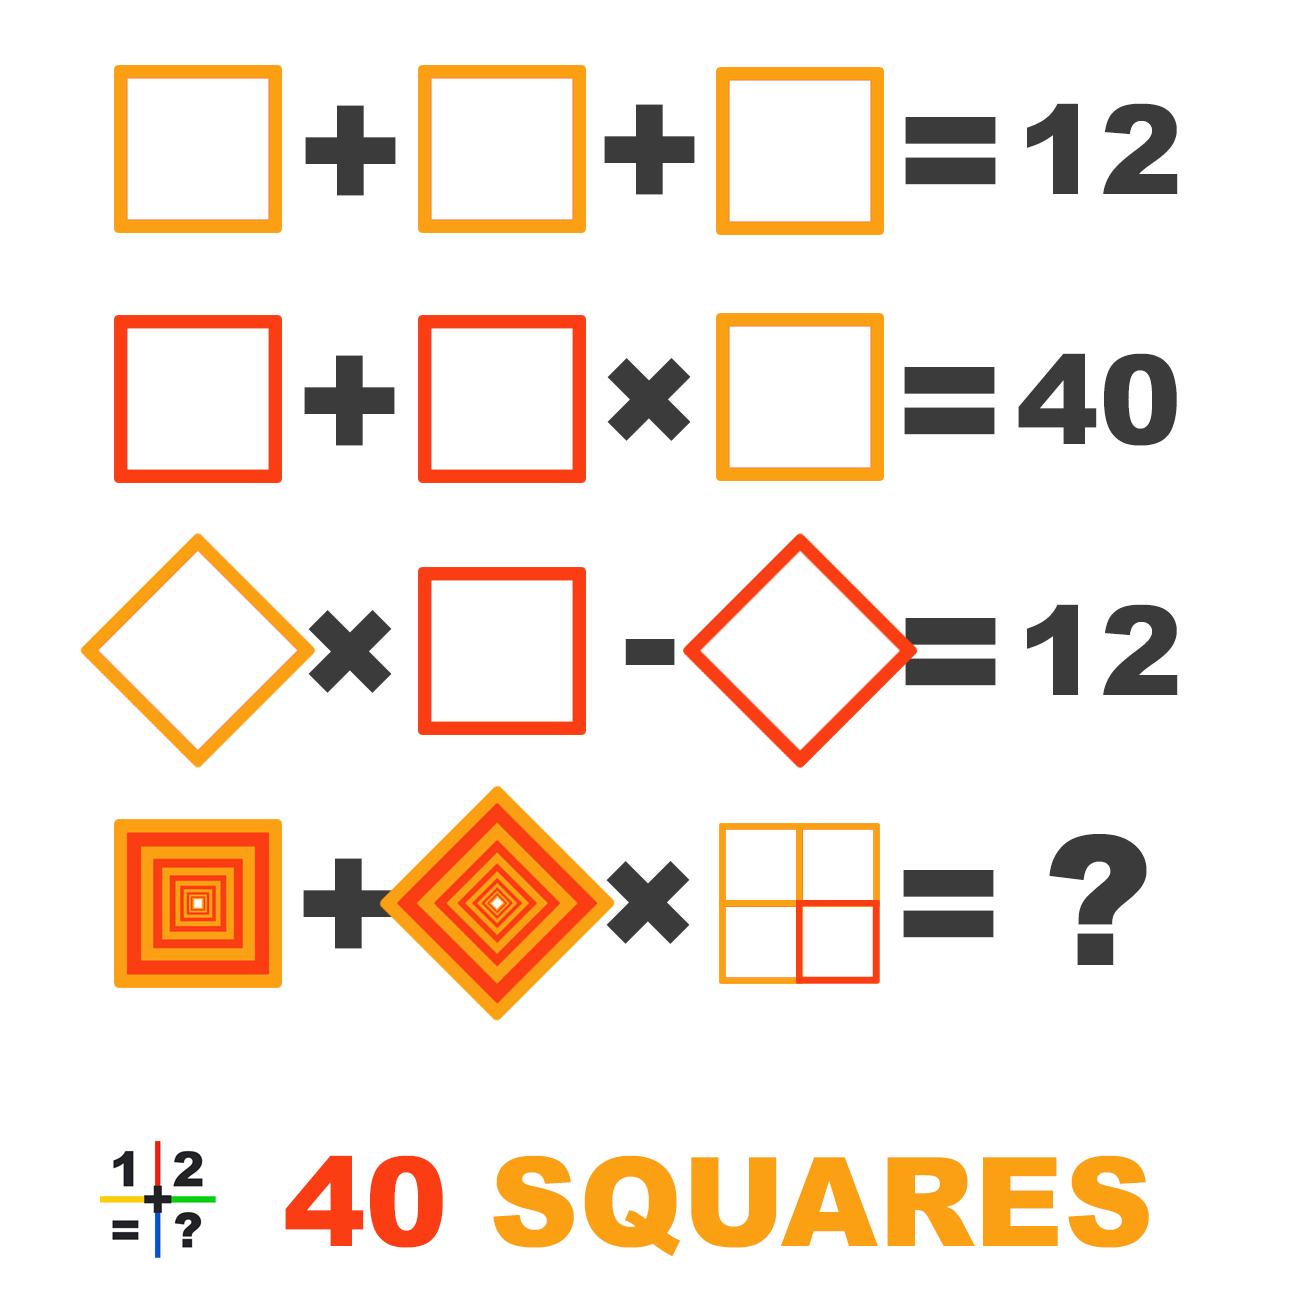 40 Squares math puzzle